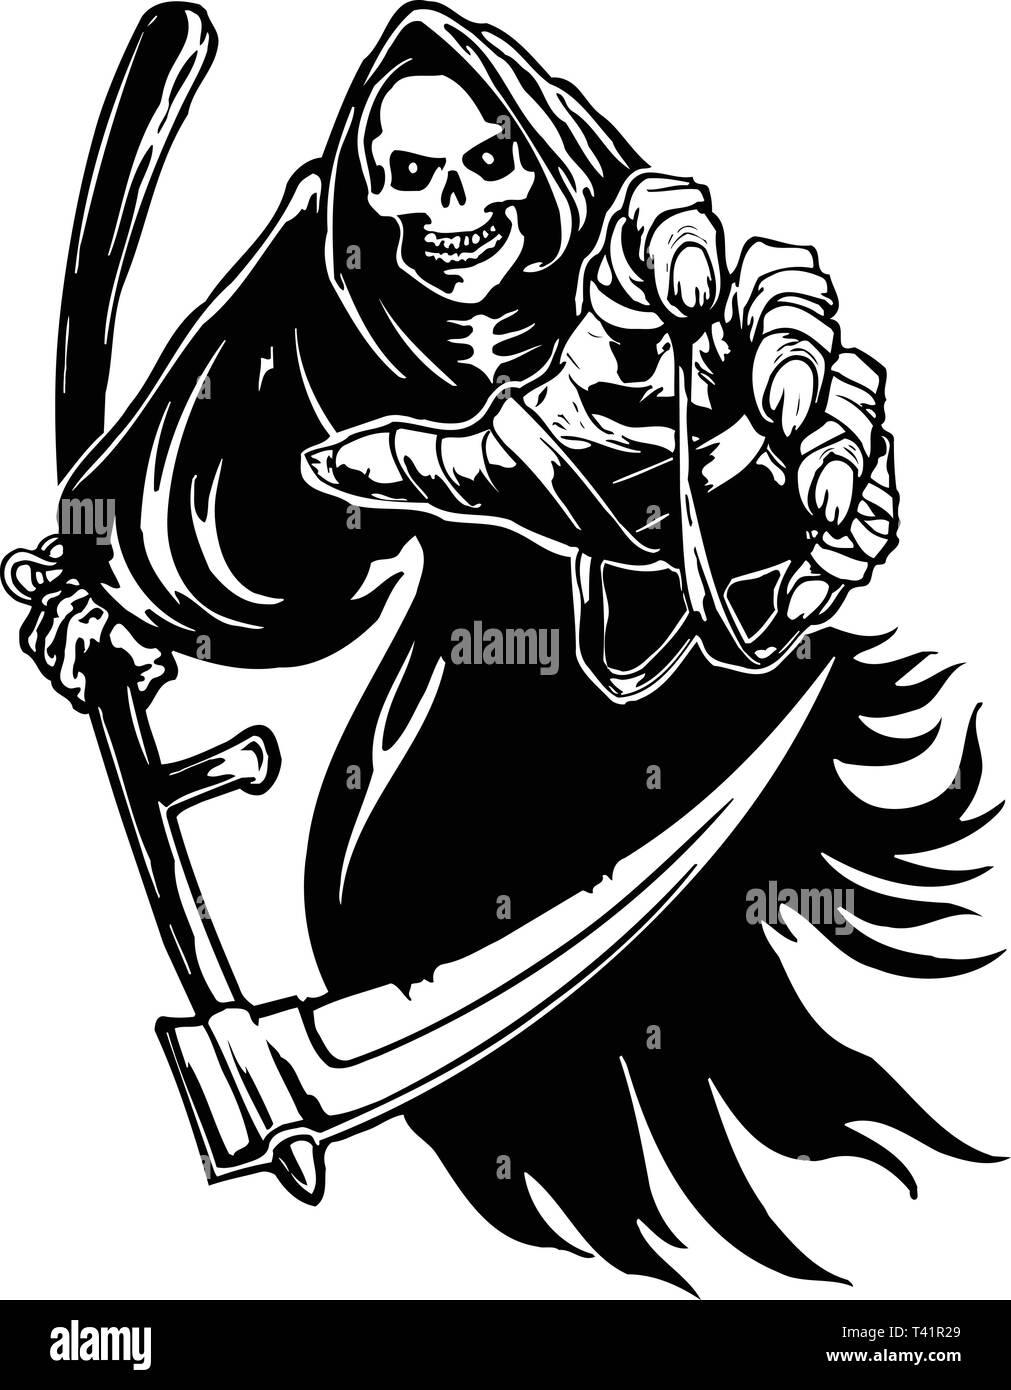 Grim Reaper Death Stockfotos & Grim Reaper Death Bilder Seite 2